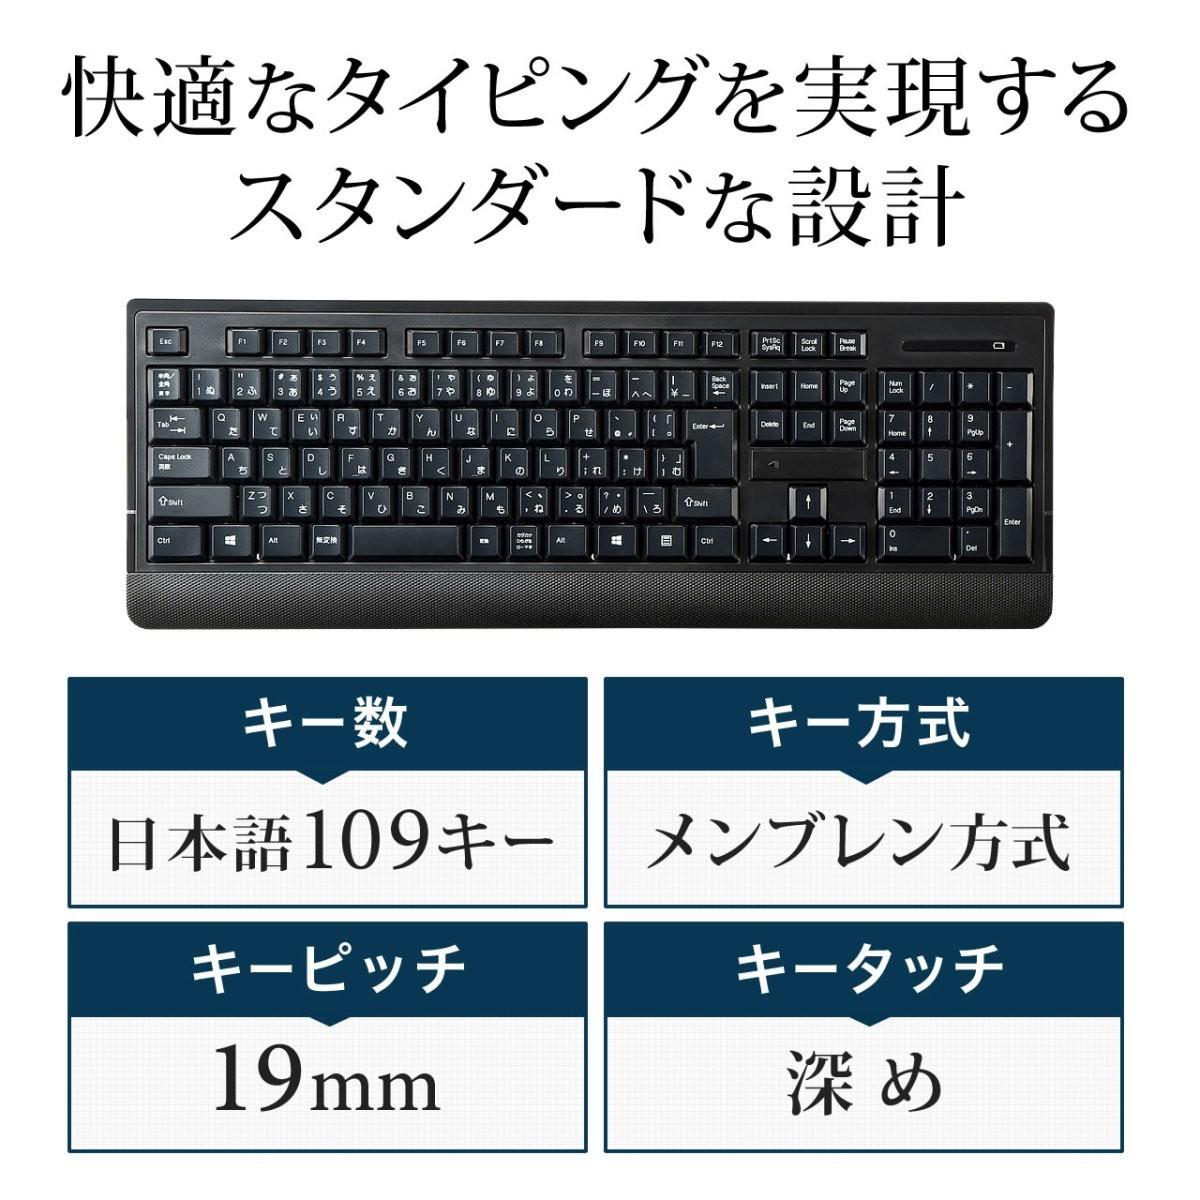 サンワダイレクト ワイヤレスキーボード 400-SKB050(ブラック)の商品画像|ナビ